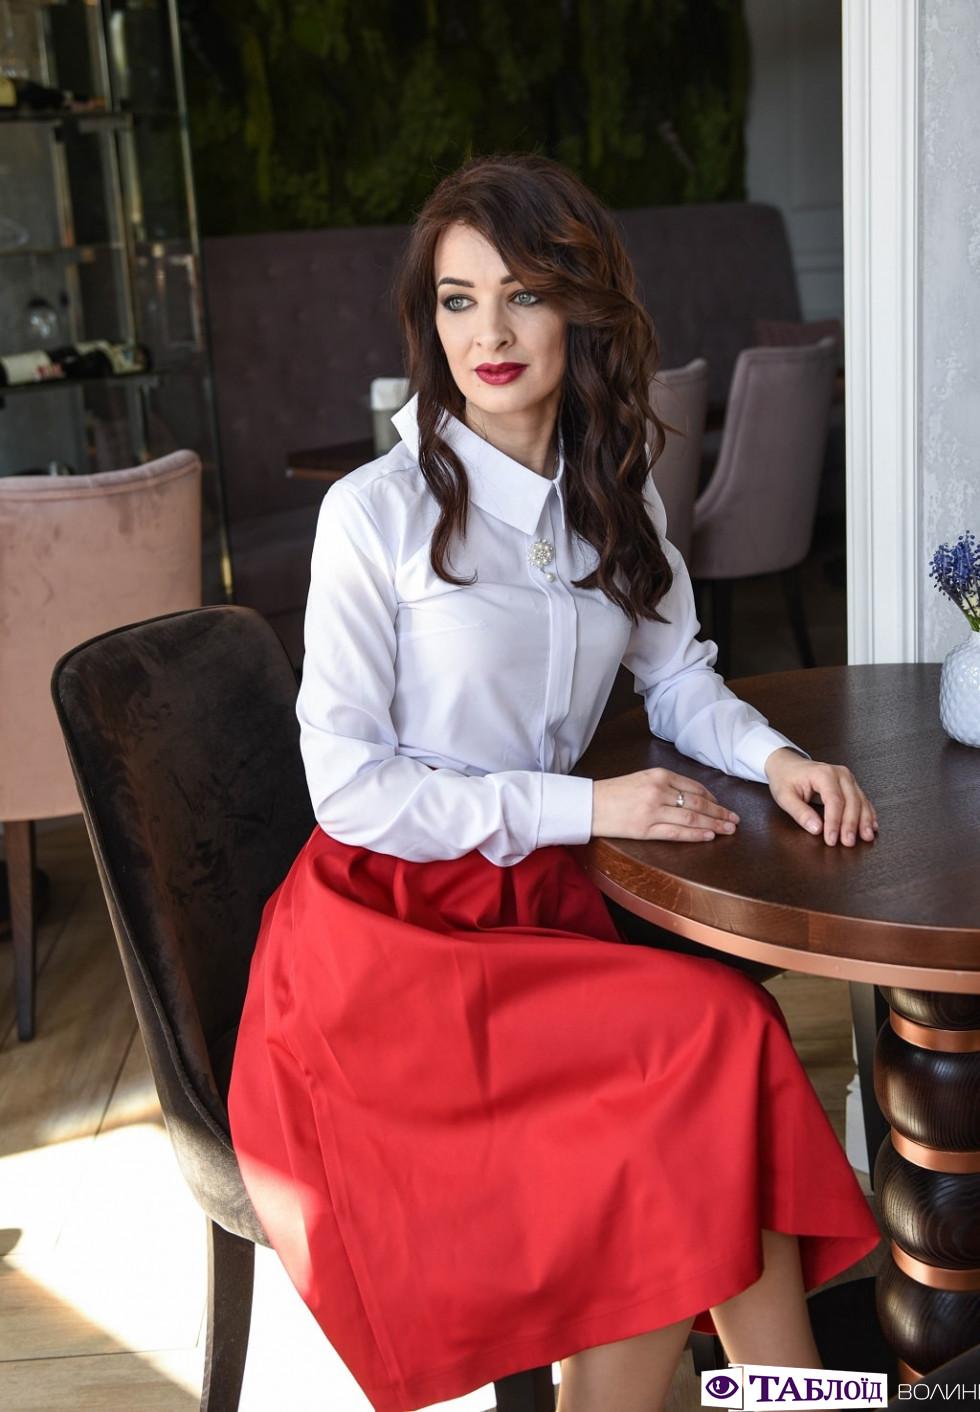 Шо-у-Шафі луцької бізнес-леді Юлії Яковлюк